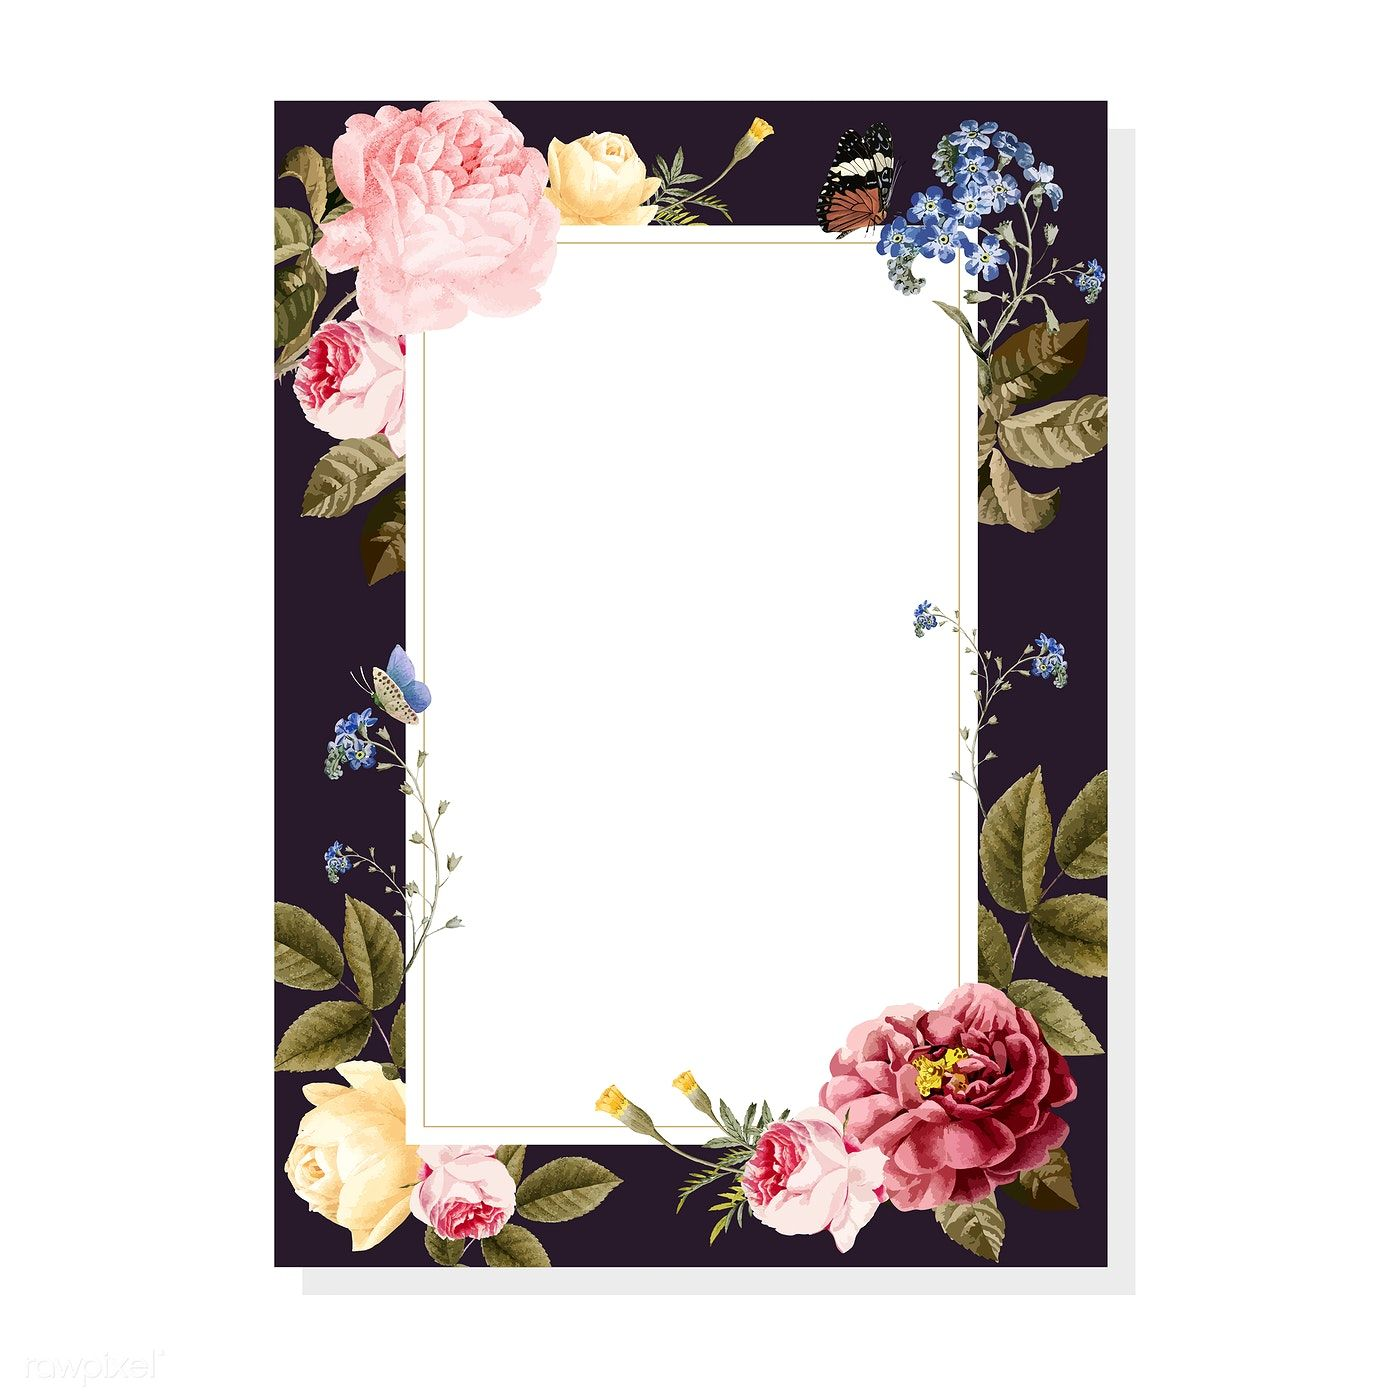 Download Premium Vector Of Blank Floral Frame Card Illustration 471690 Fondos Para Tarjetas Tarjeta De Casamiento Invitaciones